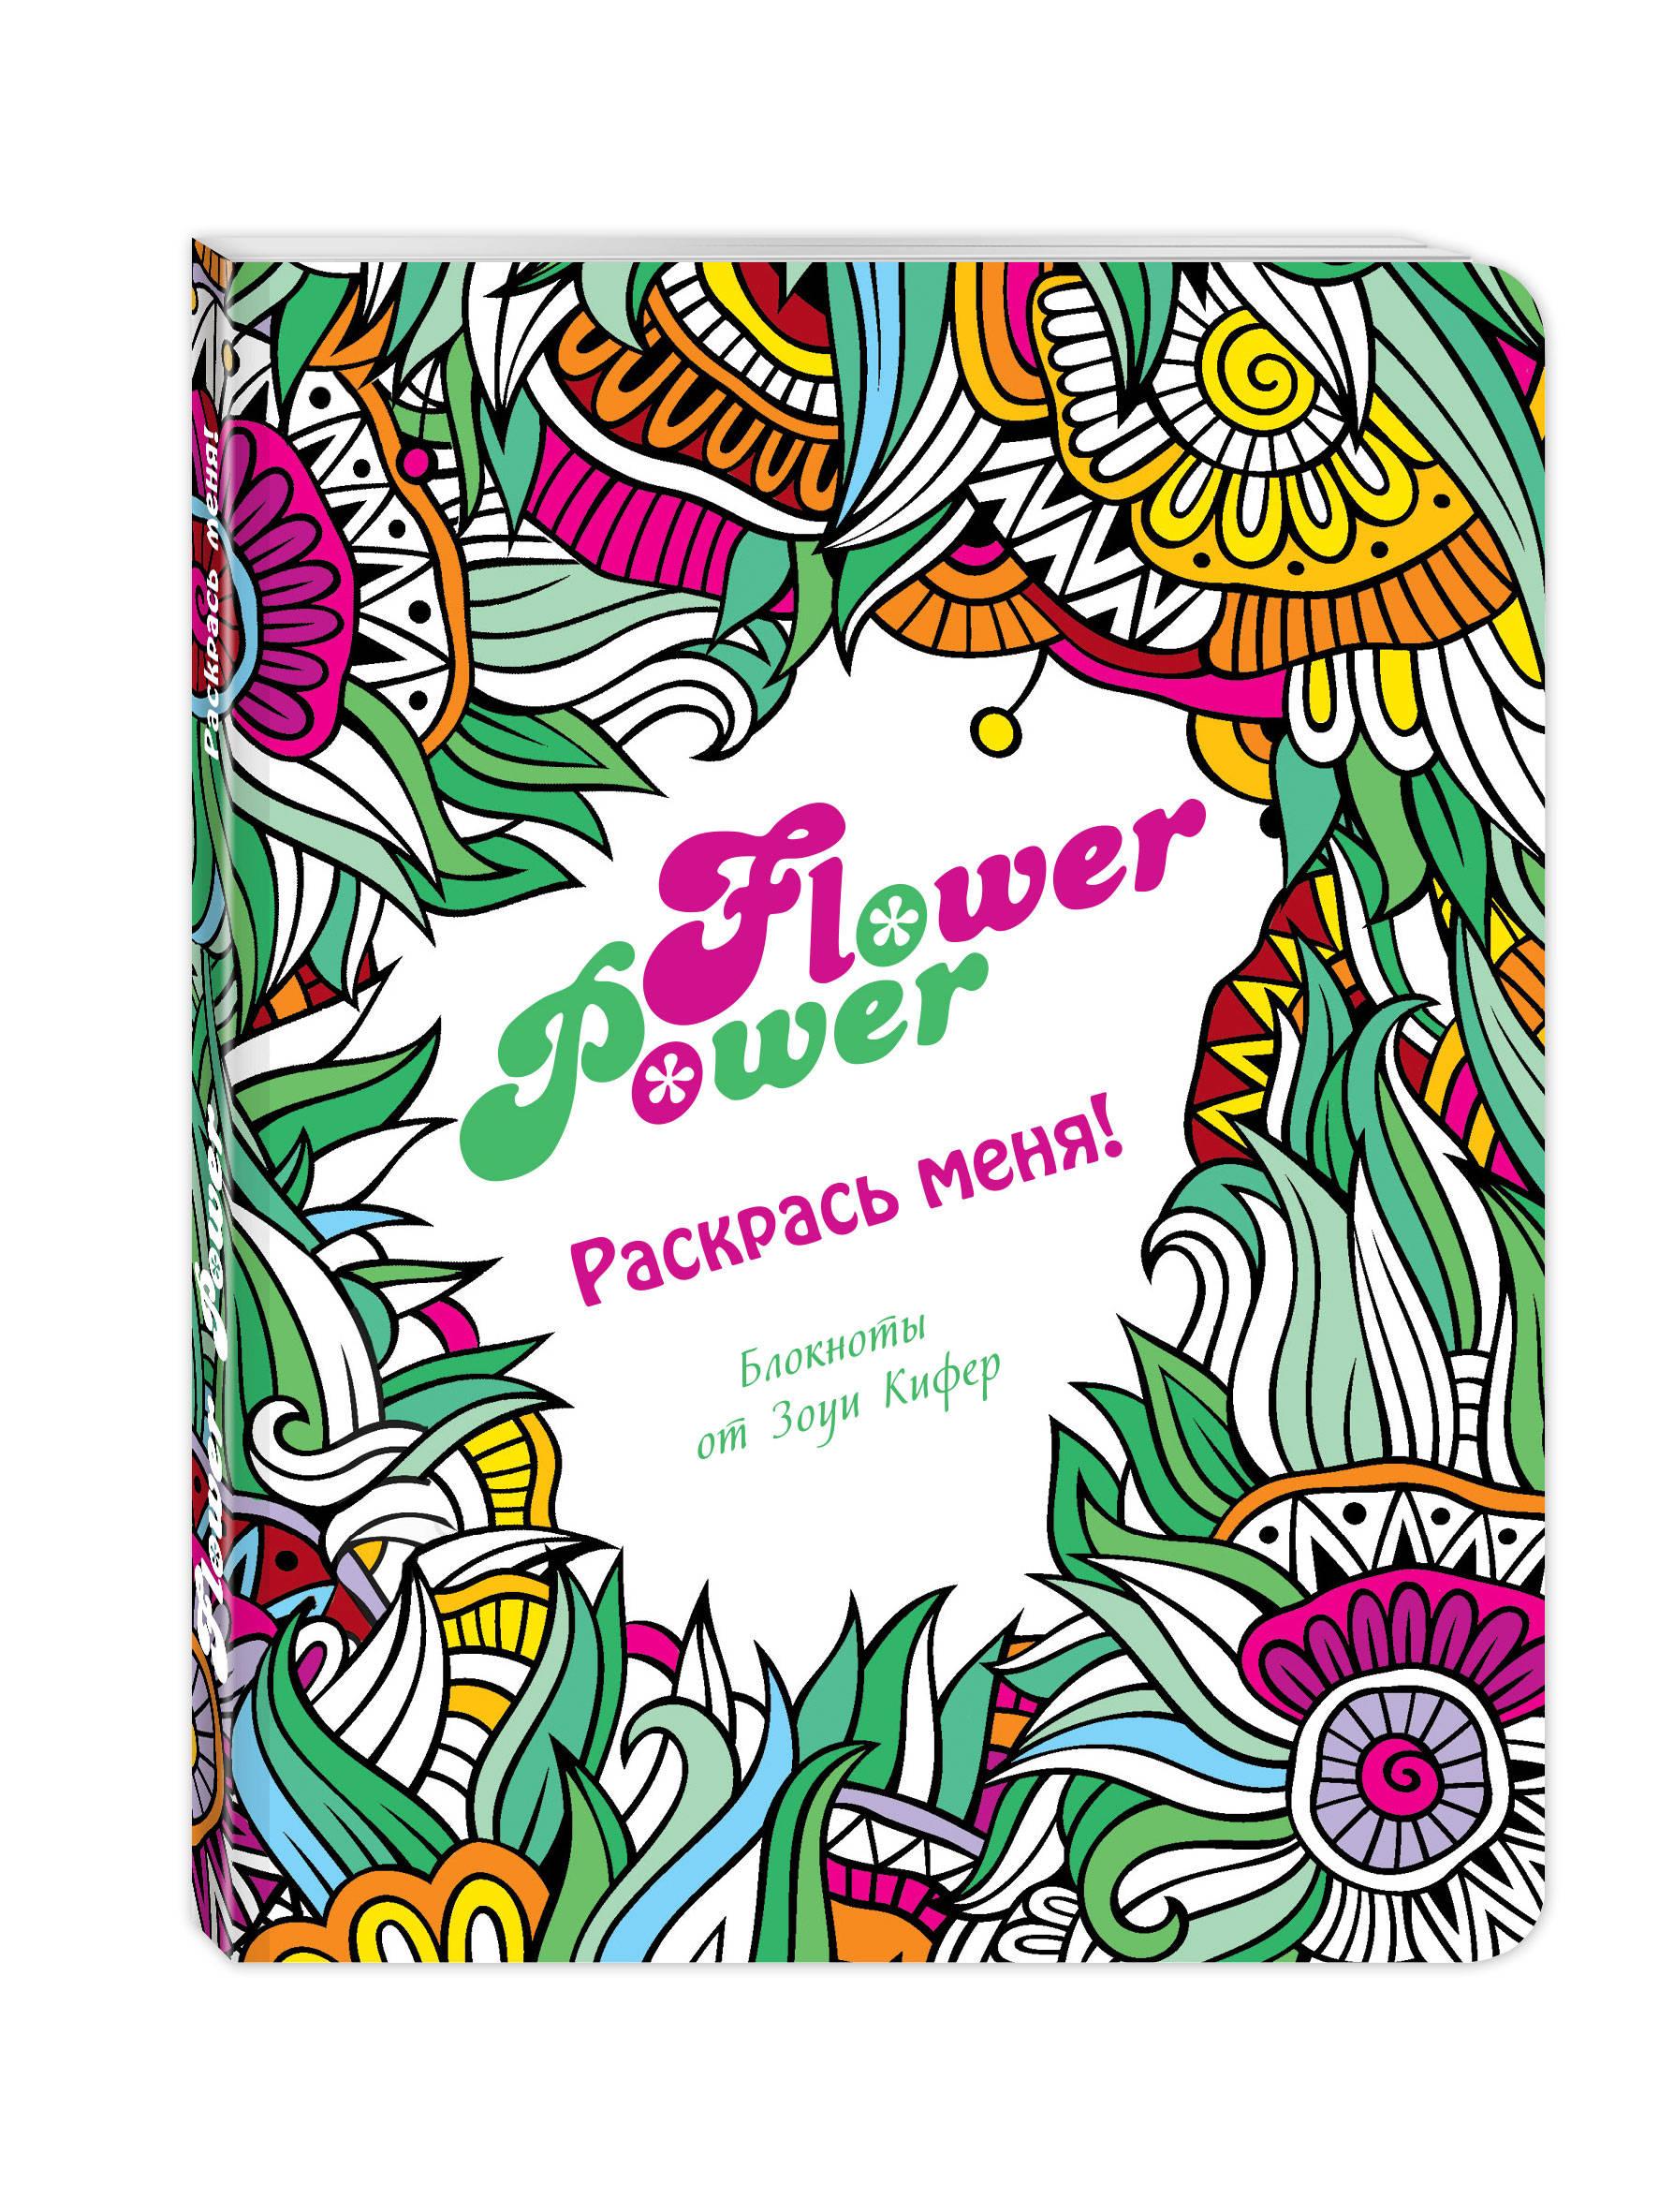 Flower Power раскрась меня блокнот от зоуи кифер цветочное настроение